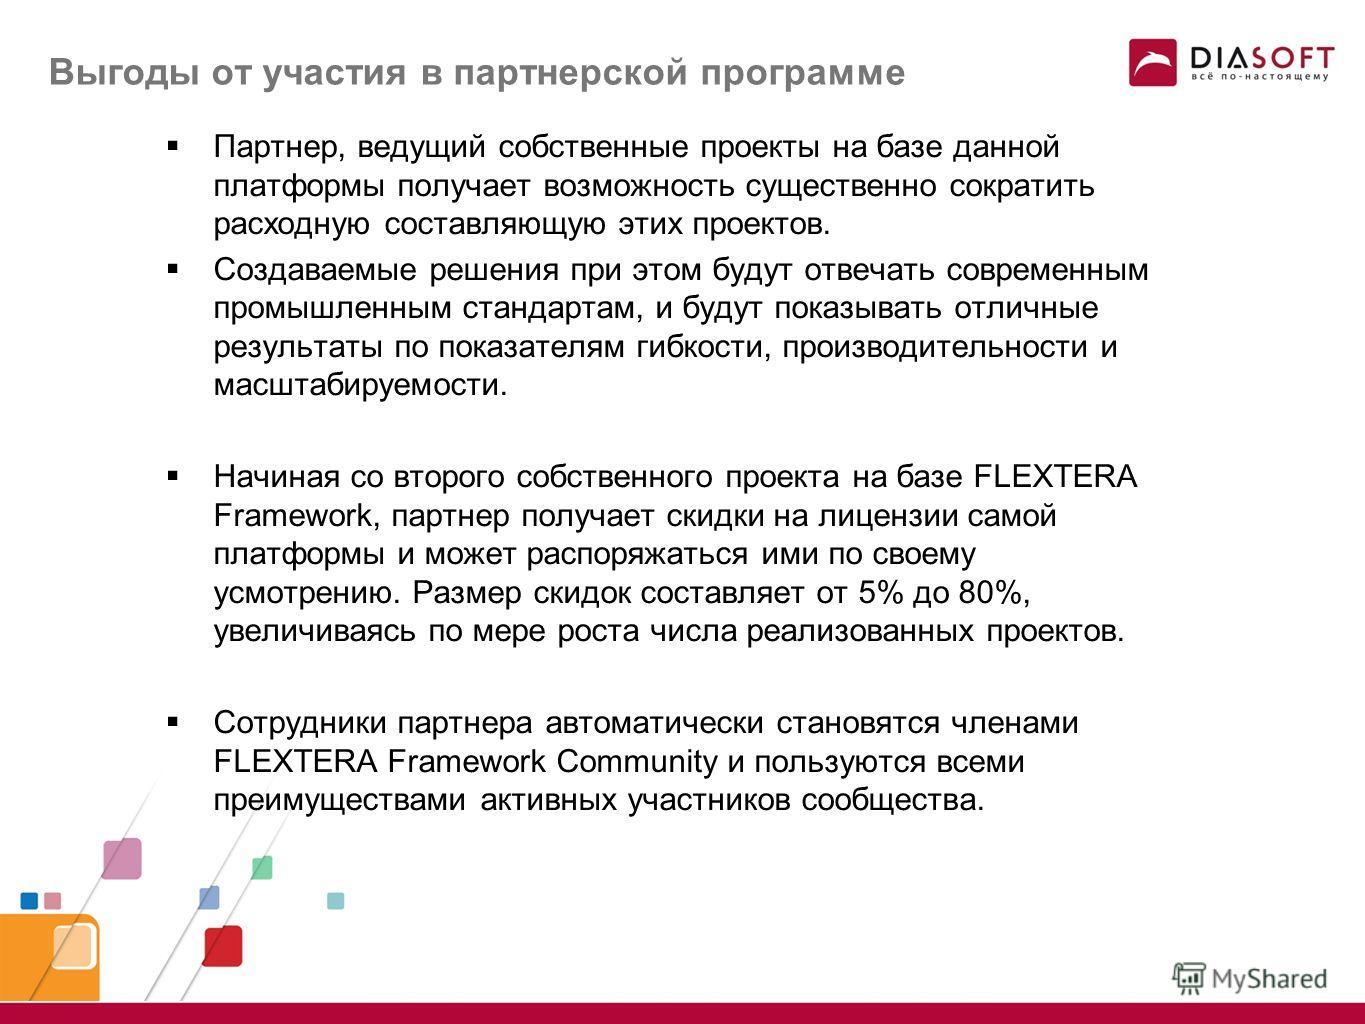 Состав банковского решения FLEXTERA